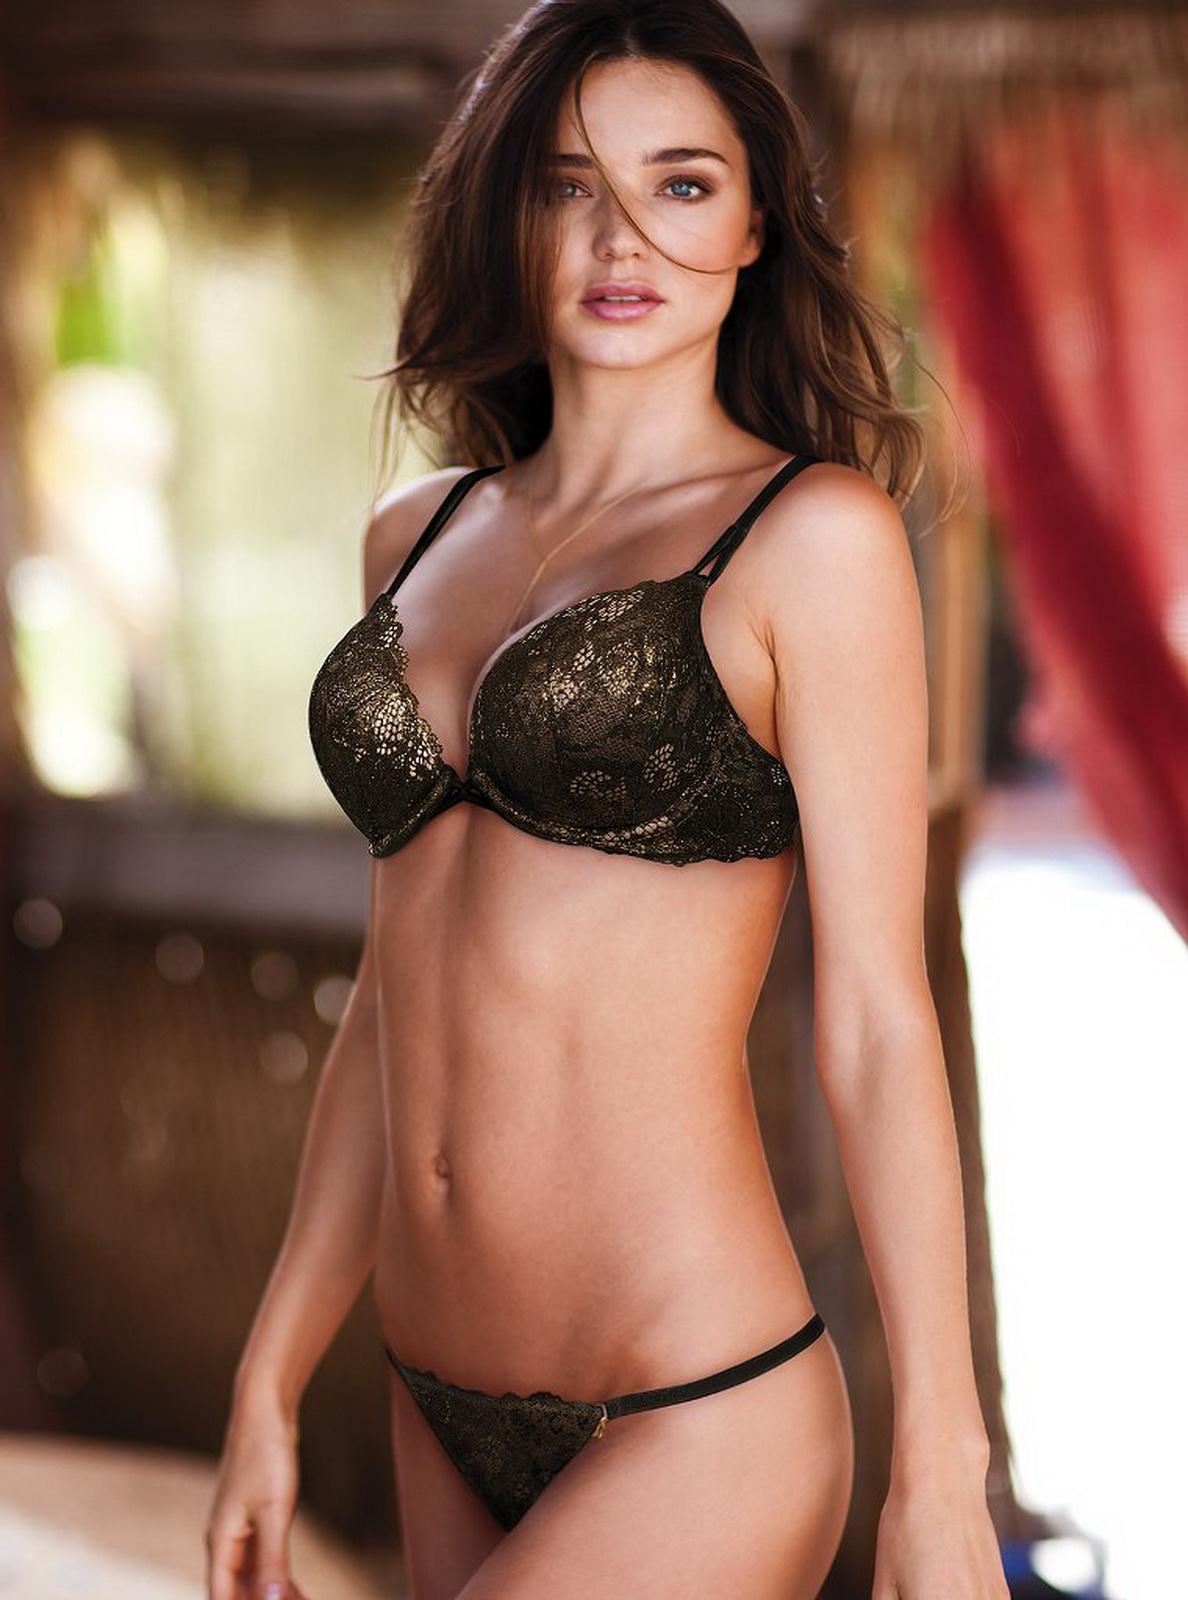 http://4.bp.blogspot.com/-OQ9un9XDzUk/T5qJ9GhuKvI/AAAAAAAAAio/TTz8tamXBdU/s1600/Miranda+Kerr+hot+in+sexy+Victoria%27s+Secret+lingerie+4.jpg